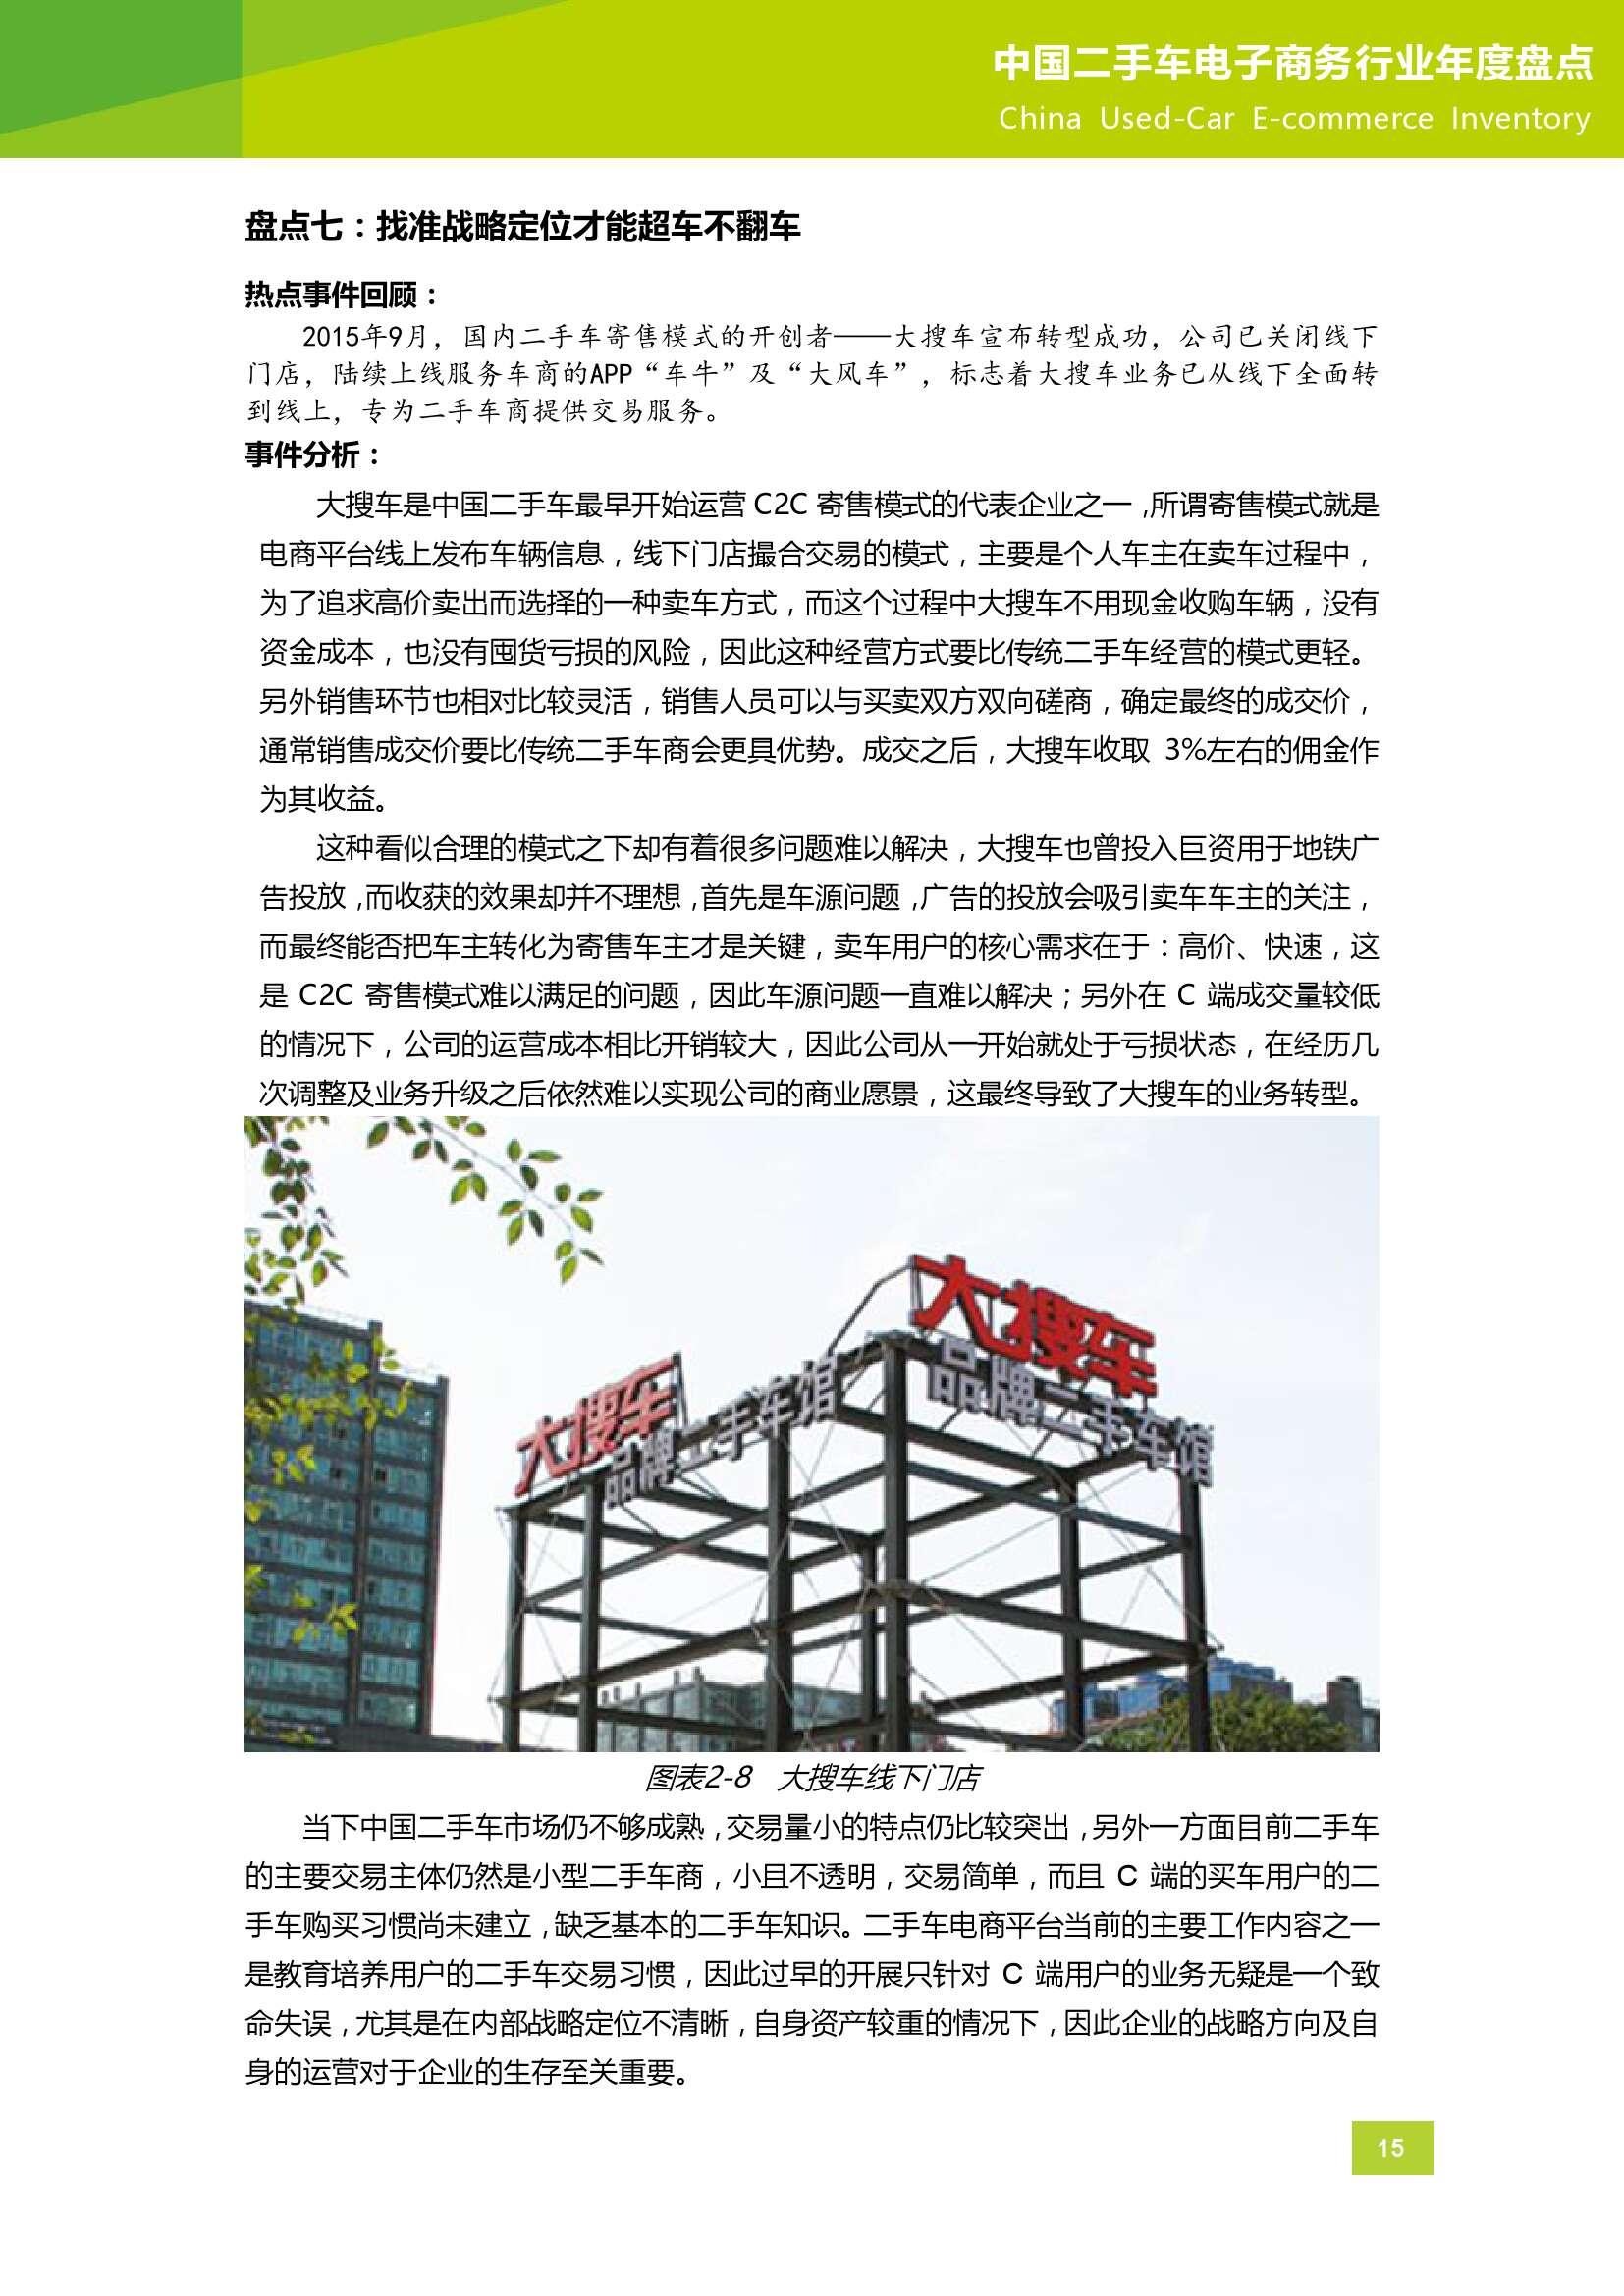 2015年中国二手车电子商务行业年度盘点_000016